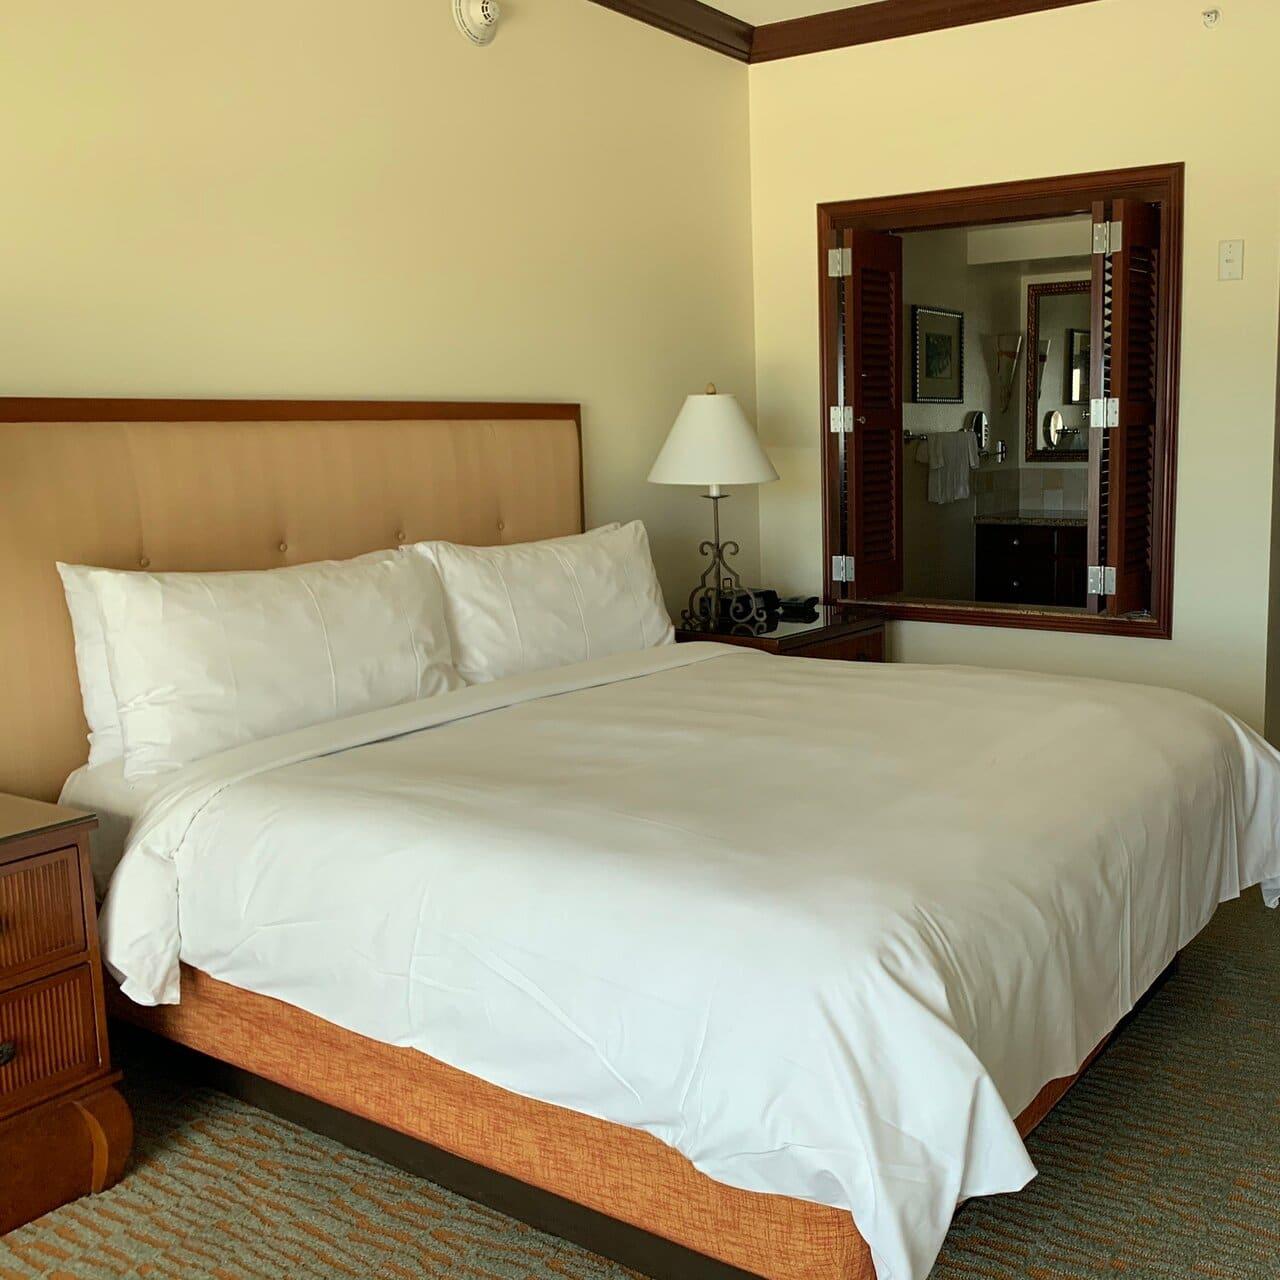 Marriott's Ko Olina Beach Club Bed